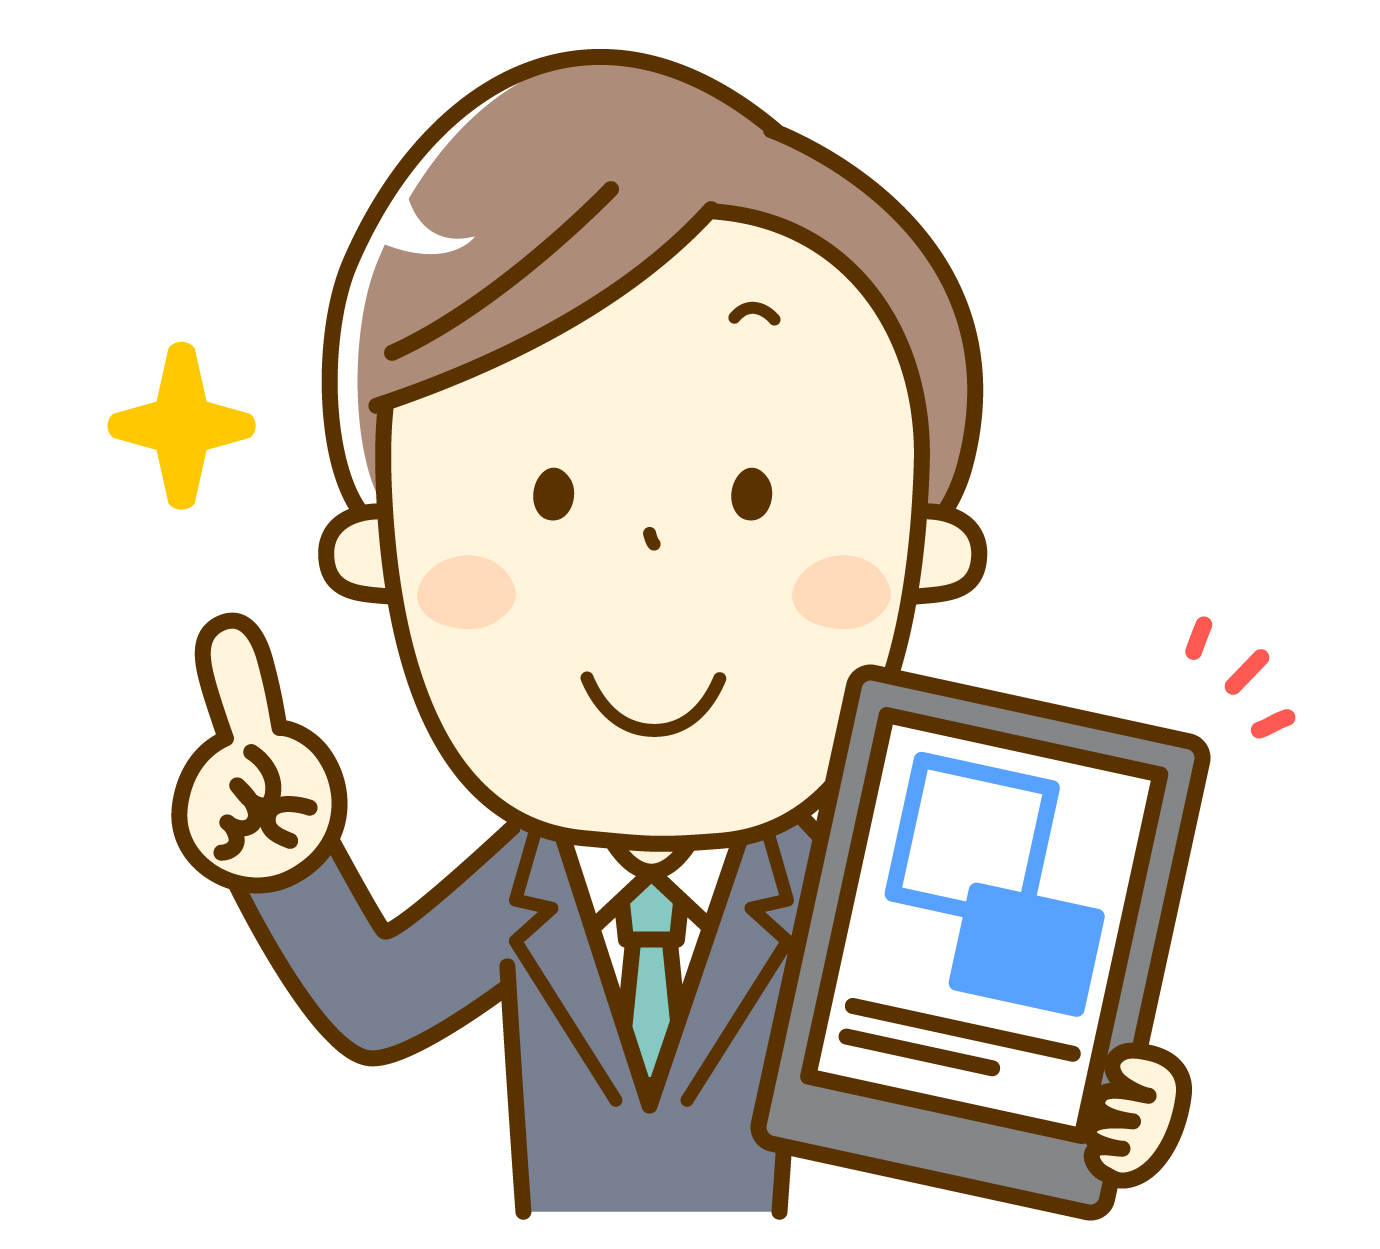 【収入30%アップ】ブログアフィリエイトでクローズド案件をASP(A8.net)担当から個別紹介されました